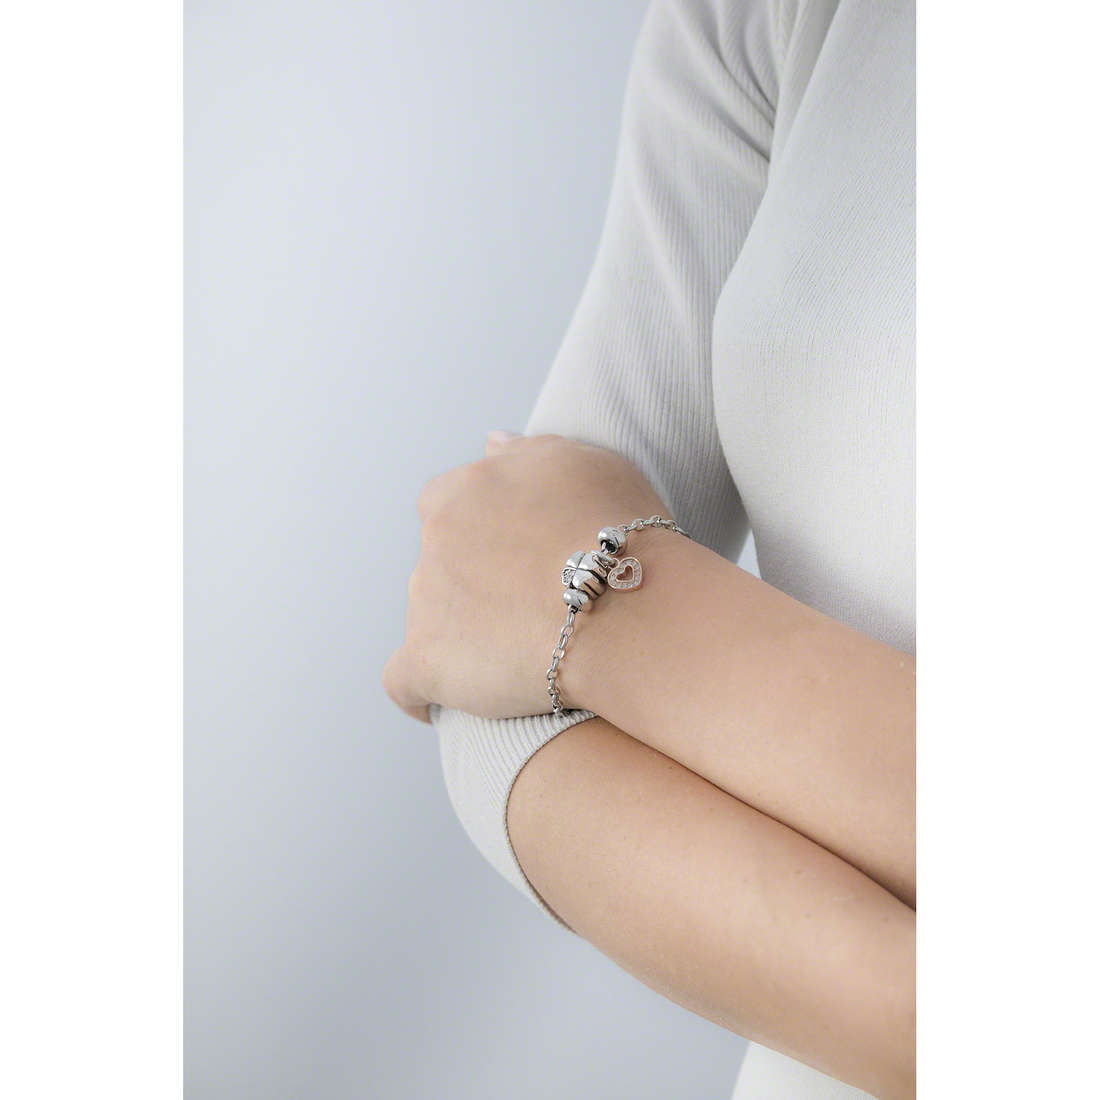 Morellato bracciali Drops donna SCZ678 indosso